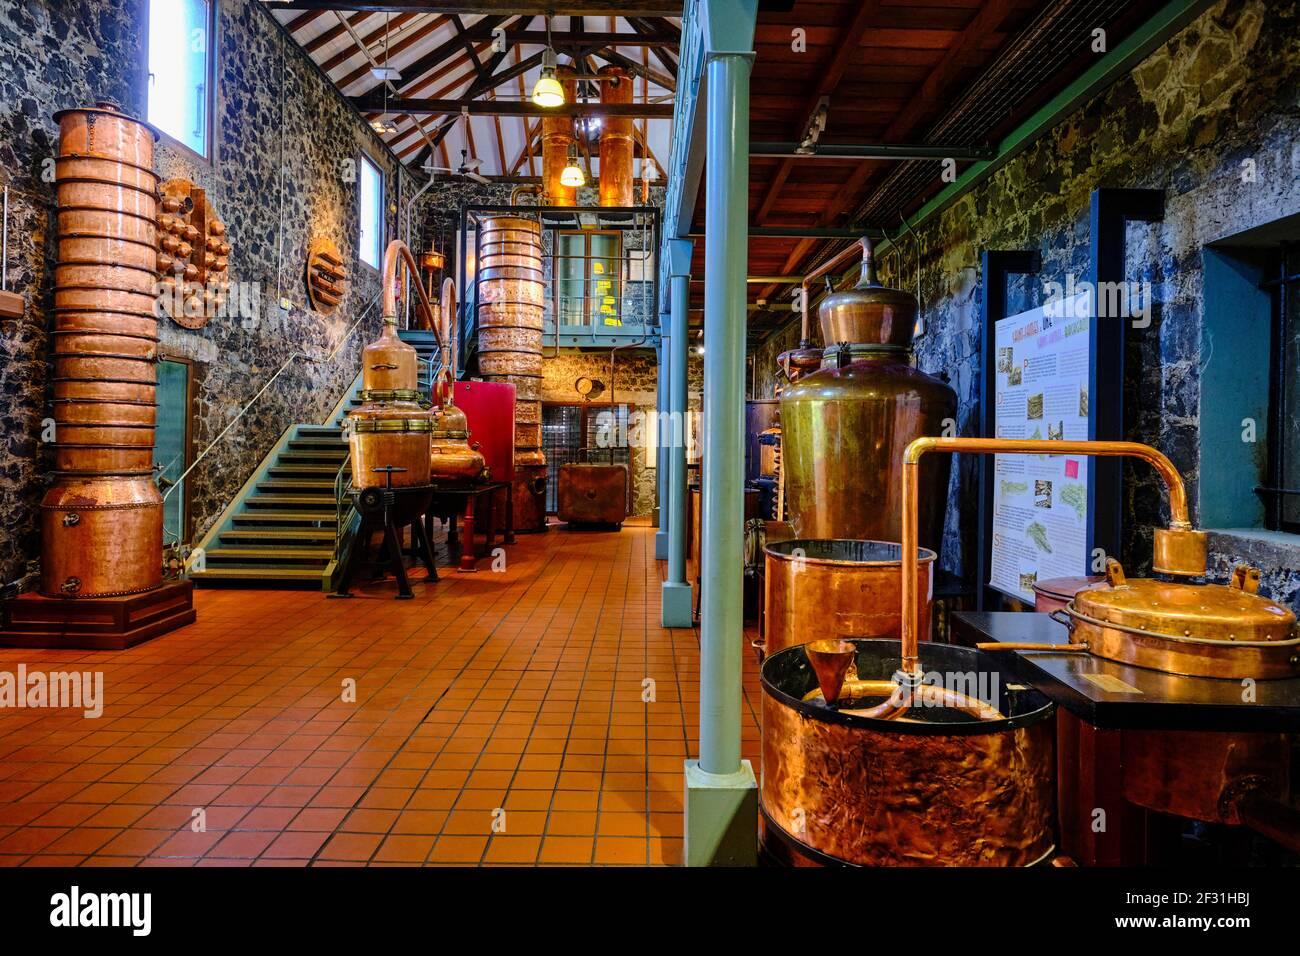 France, Antilles, Martinique, Sainte-Marie, distillerie Saint-James qui abrite un musée du rhum Banque D'Images